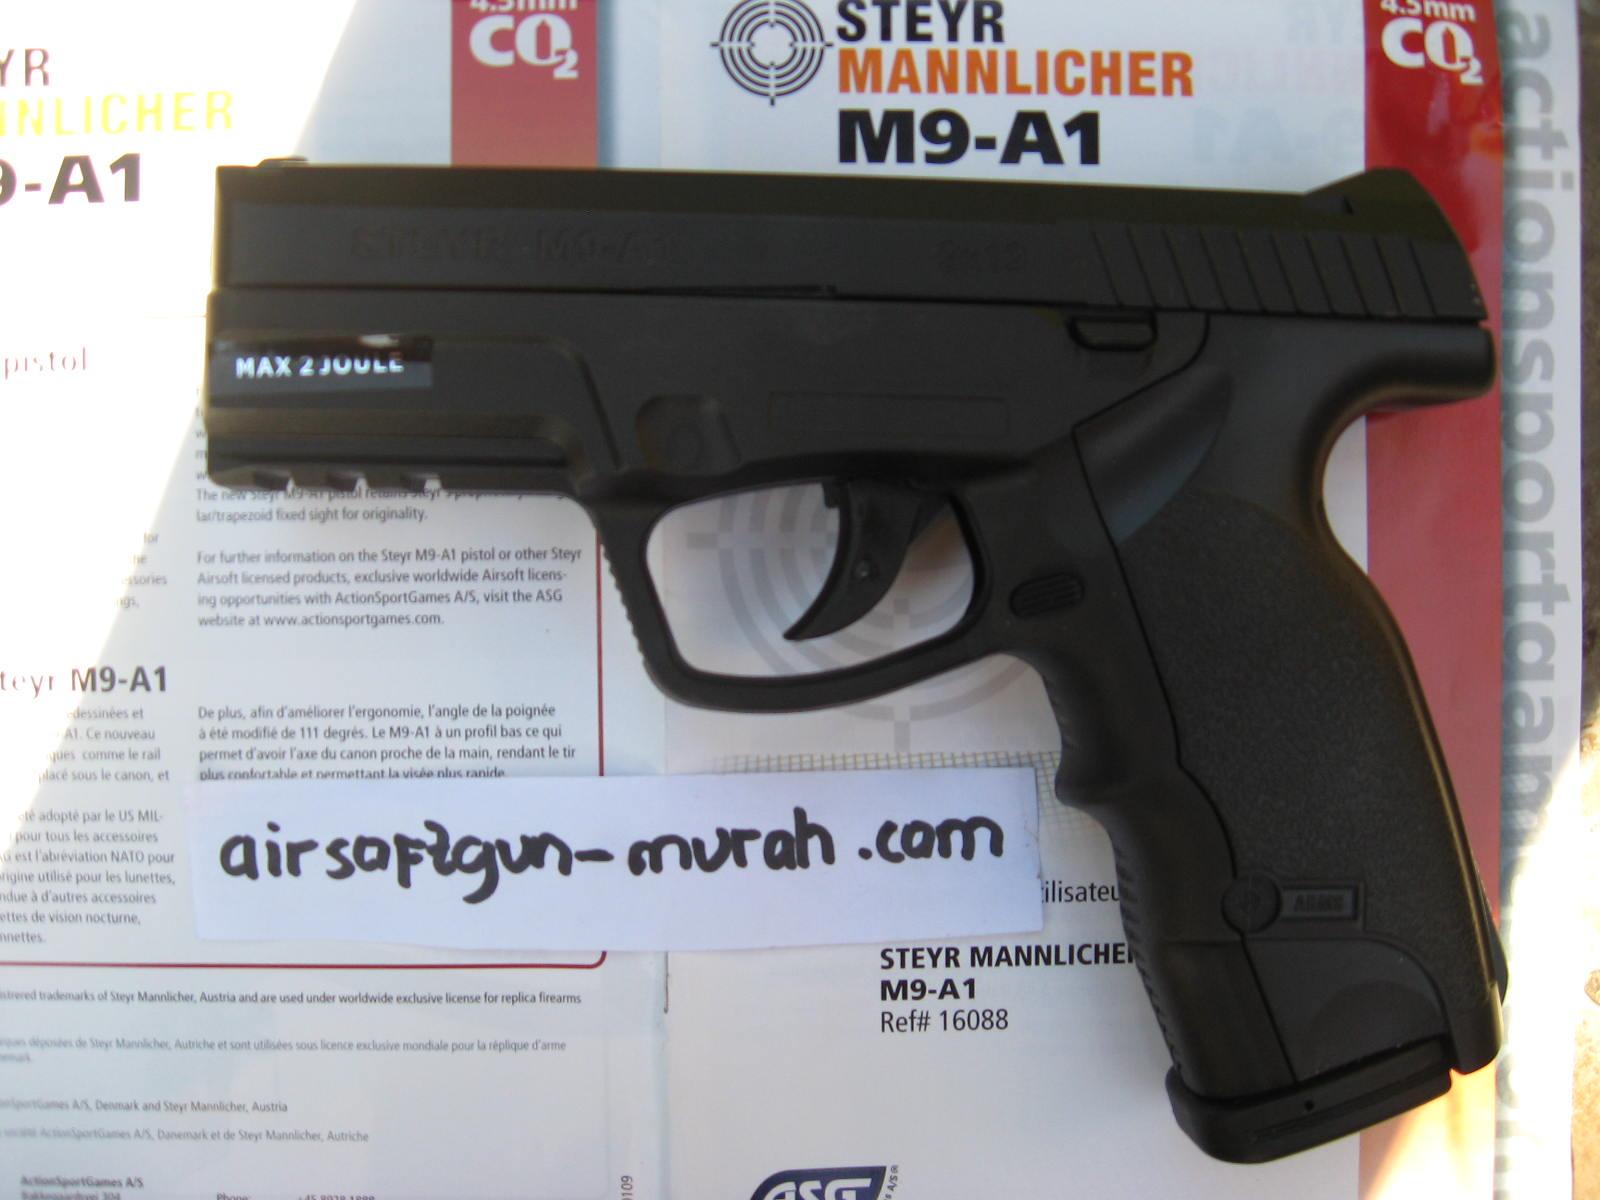 Airgun Murah Revolver Mimis / Pellet Cal 4,5mm